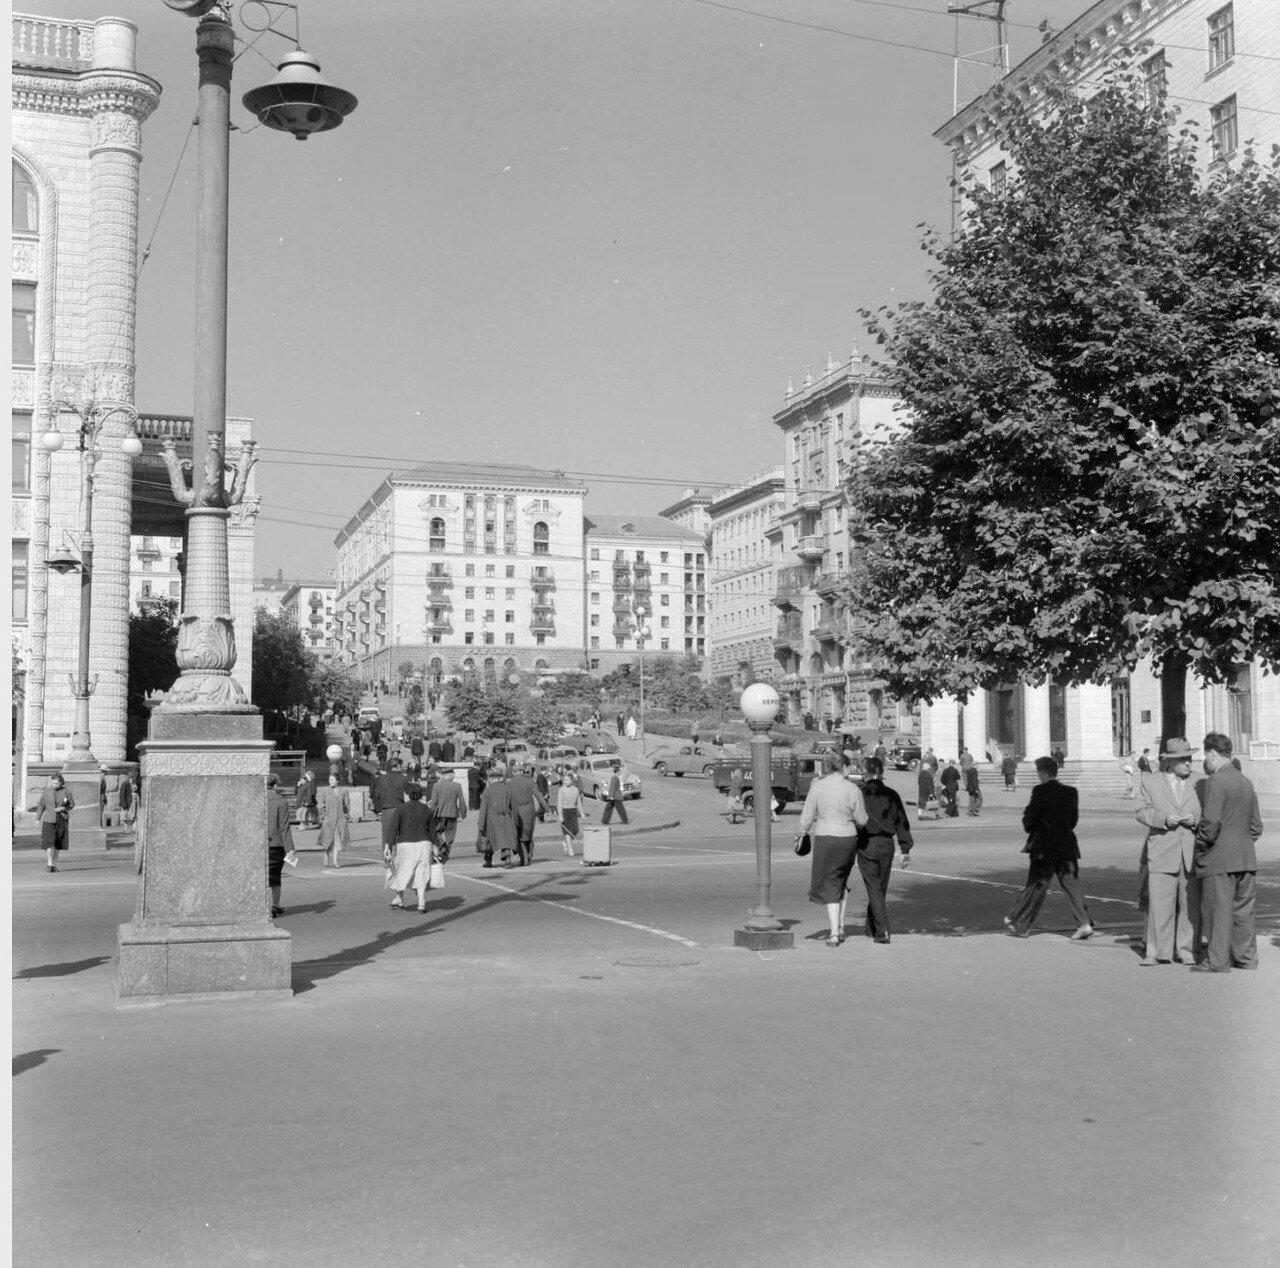 Пешеходное движение на улице в Киеве